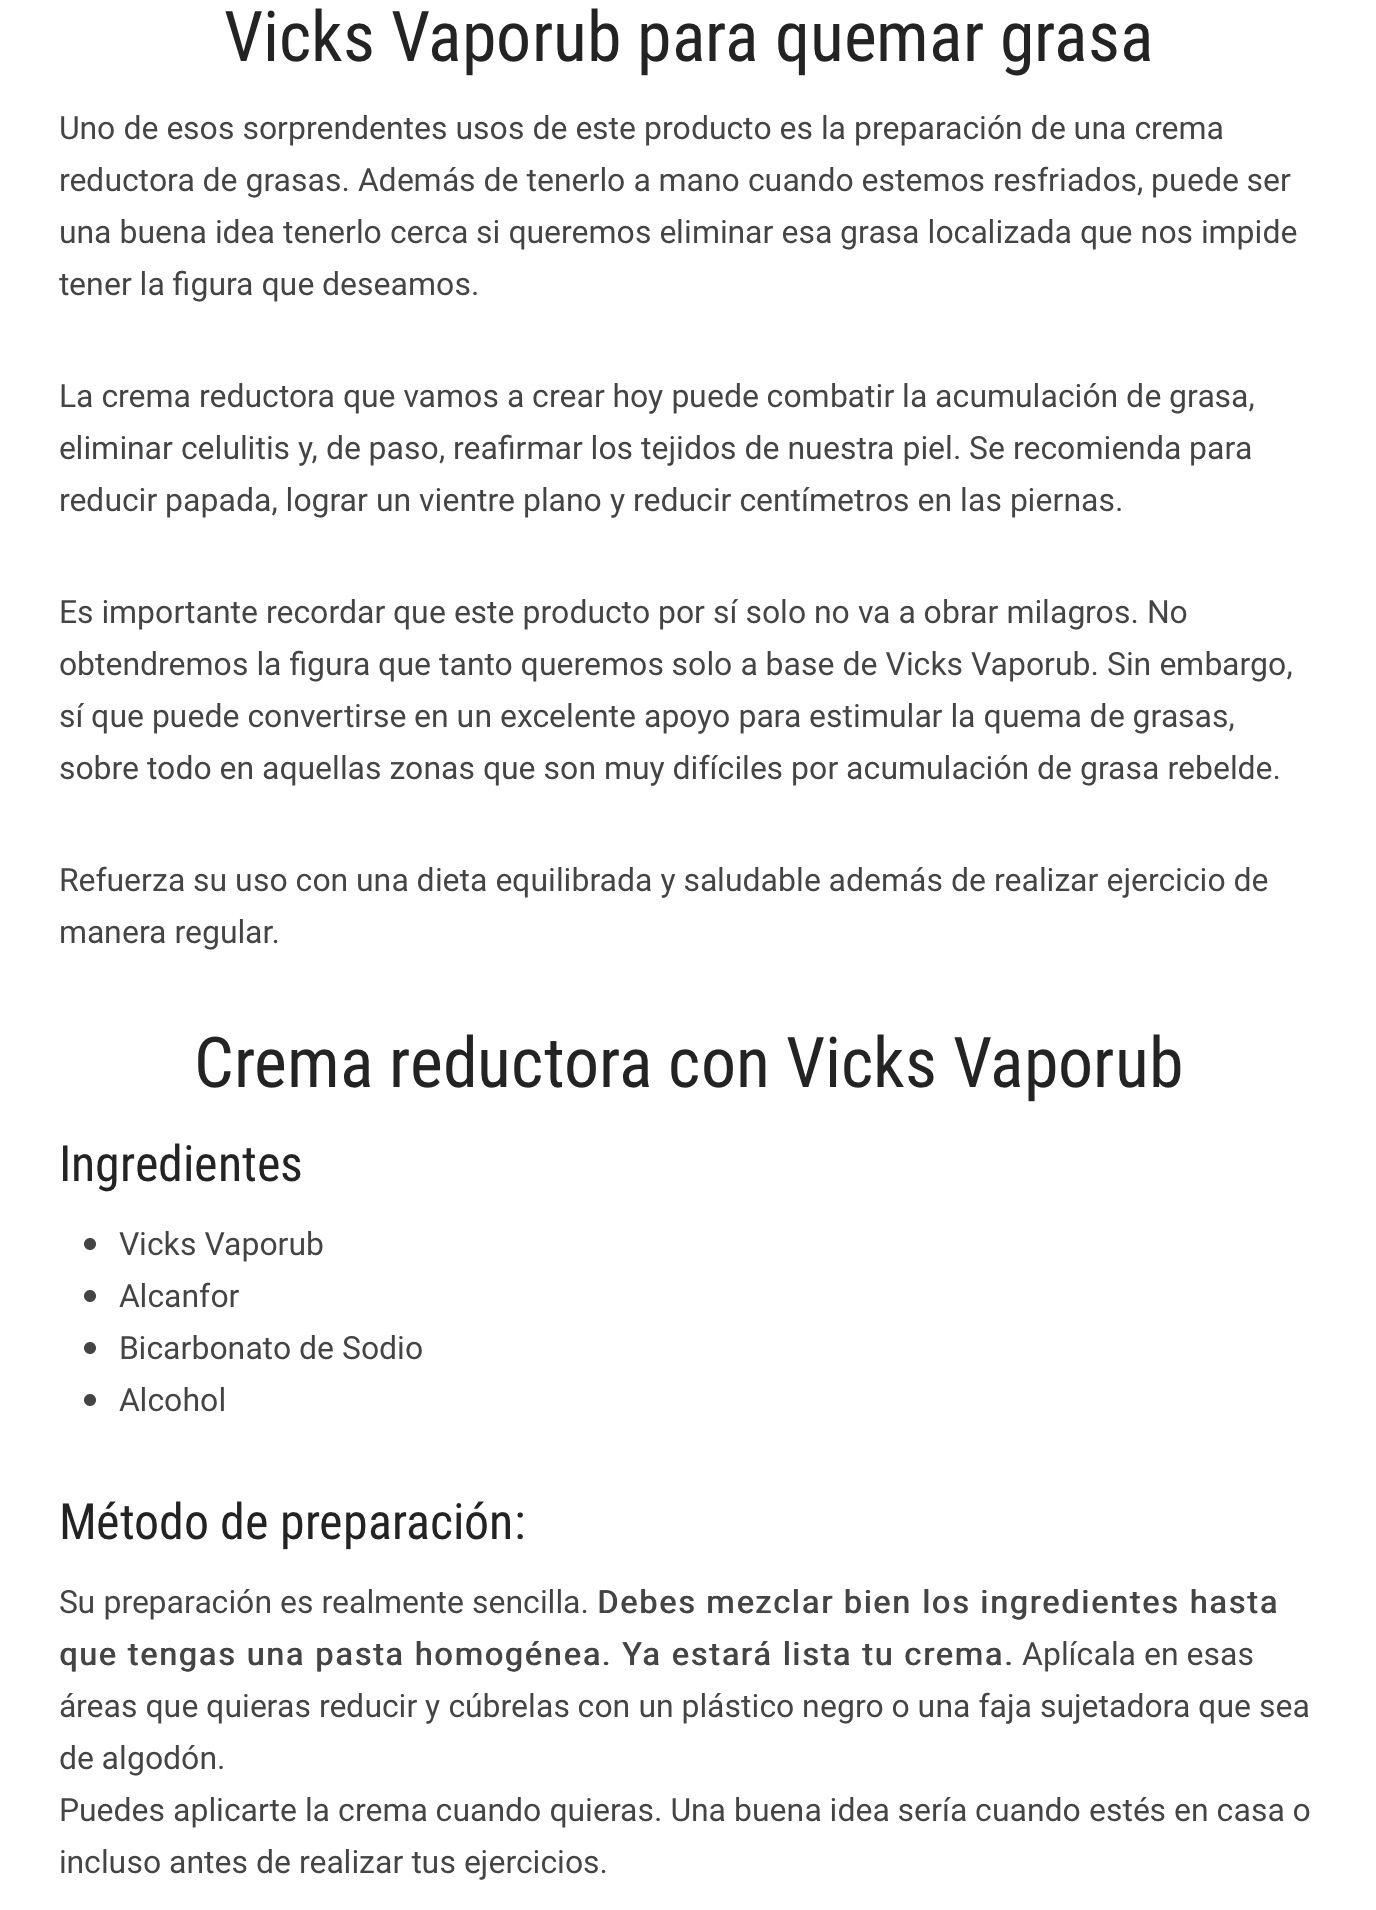 receta del vick vaporub para quemar grasa